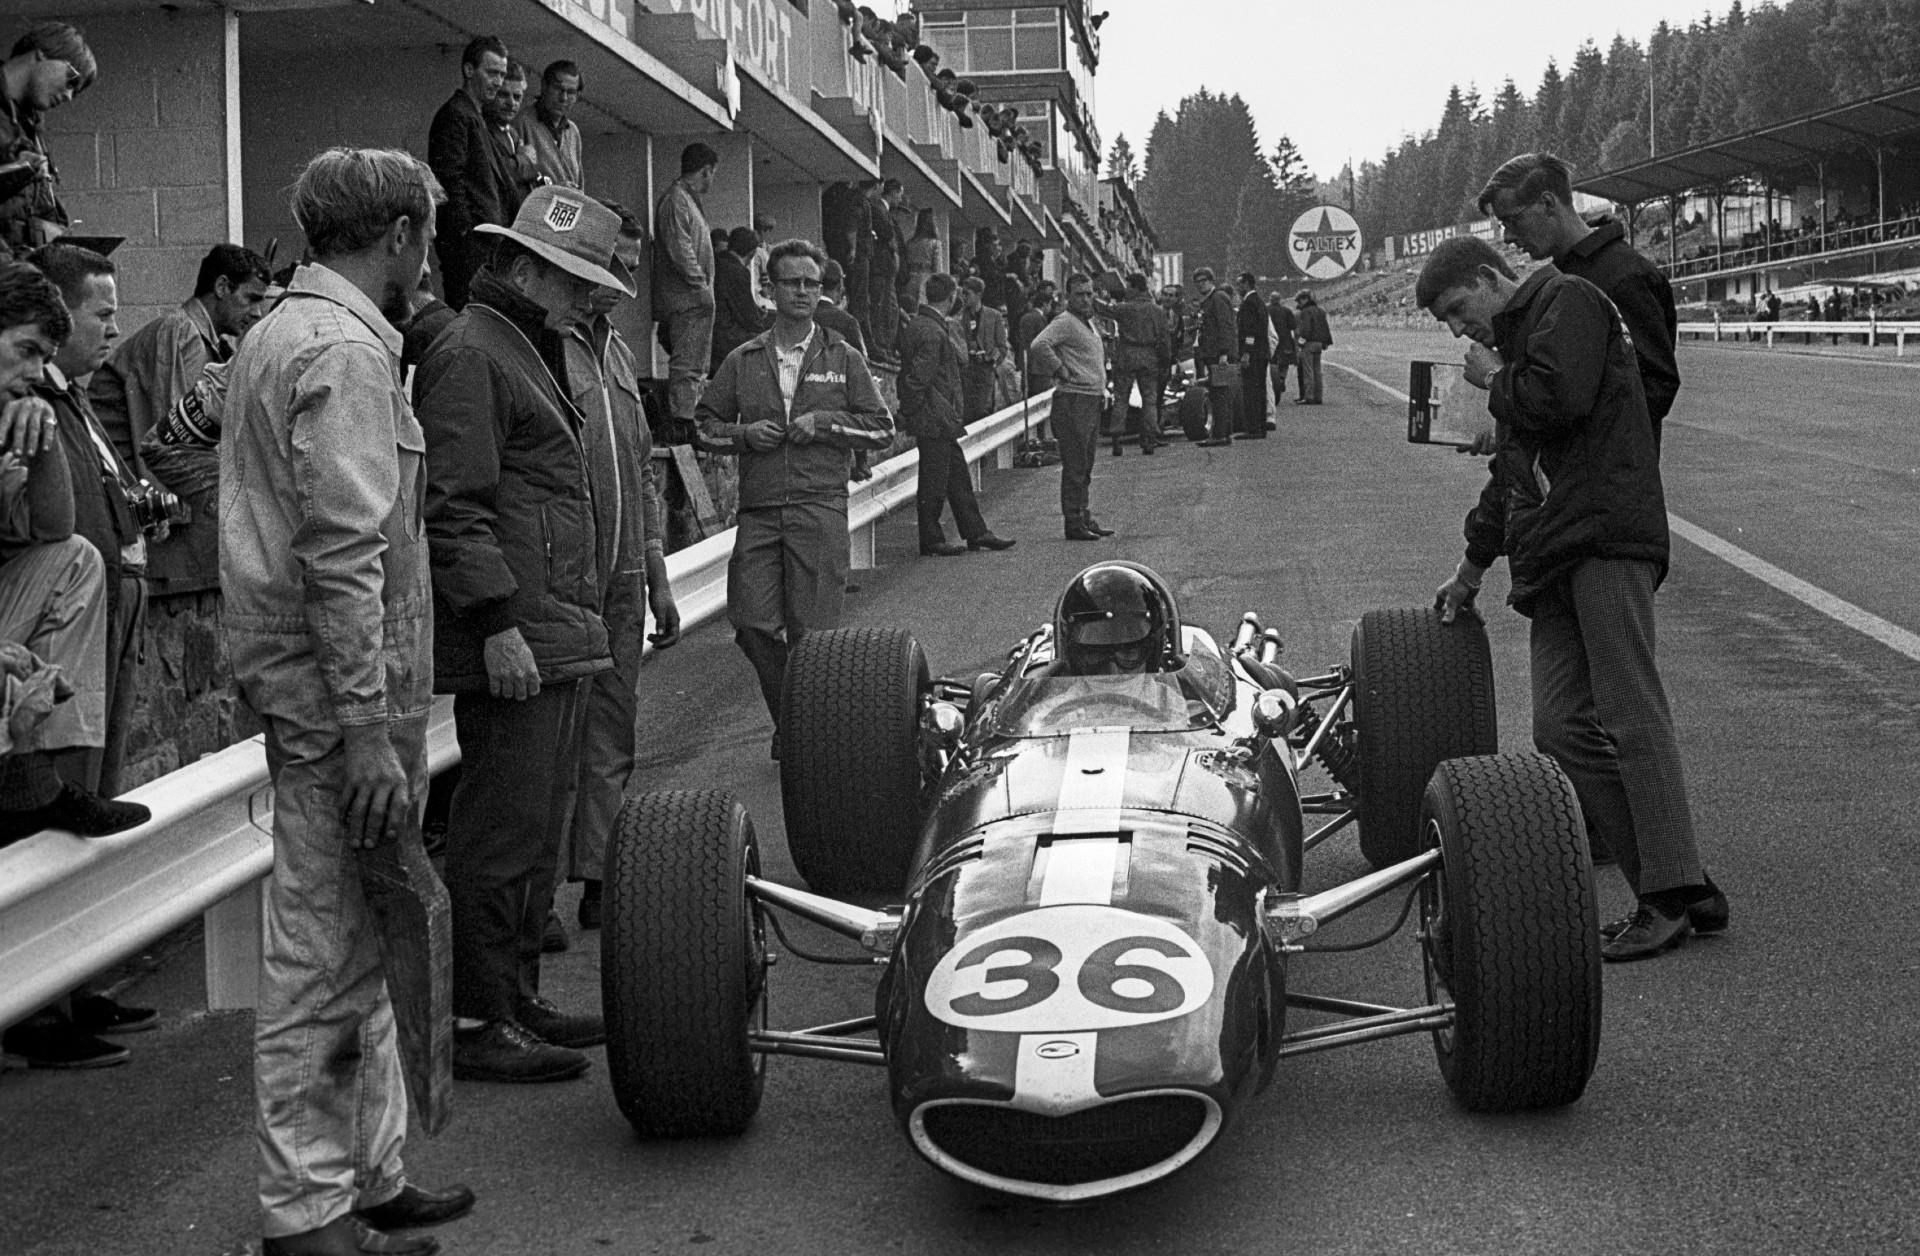 1967 Belgian GP, Dan Gurney